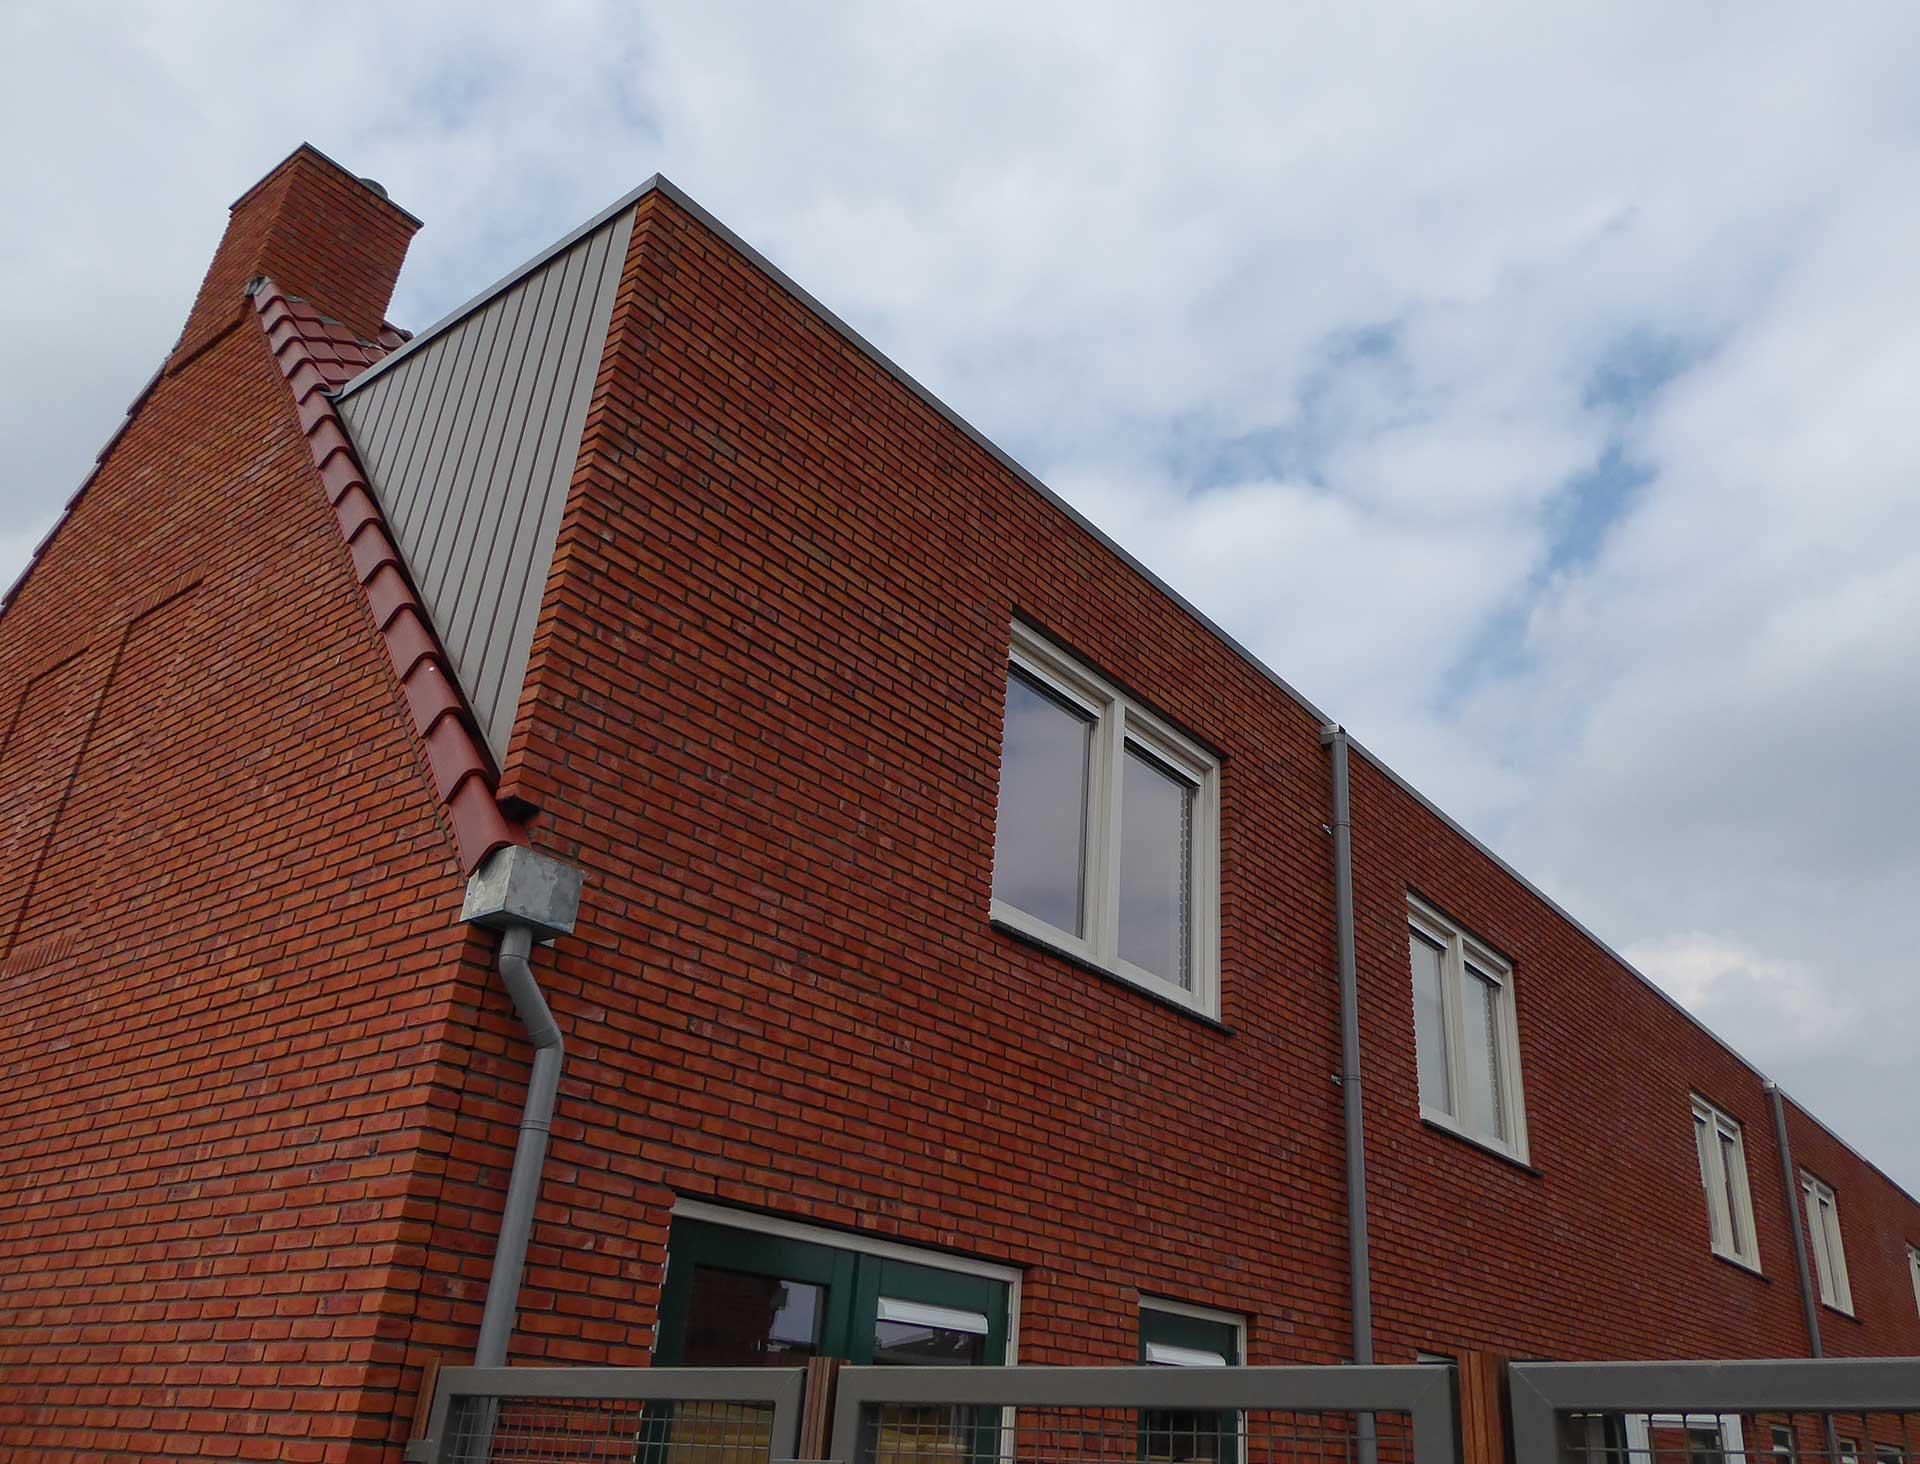 Havenbuurt Zaandam rij huizen met rode baksteen